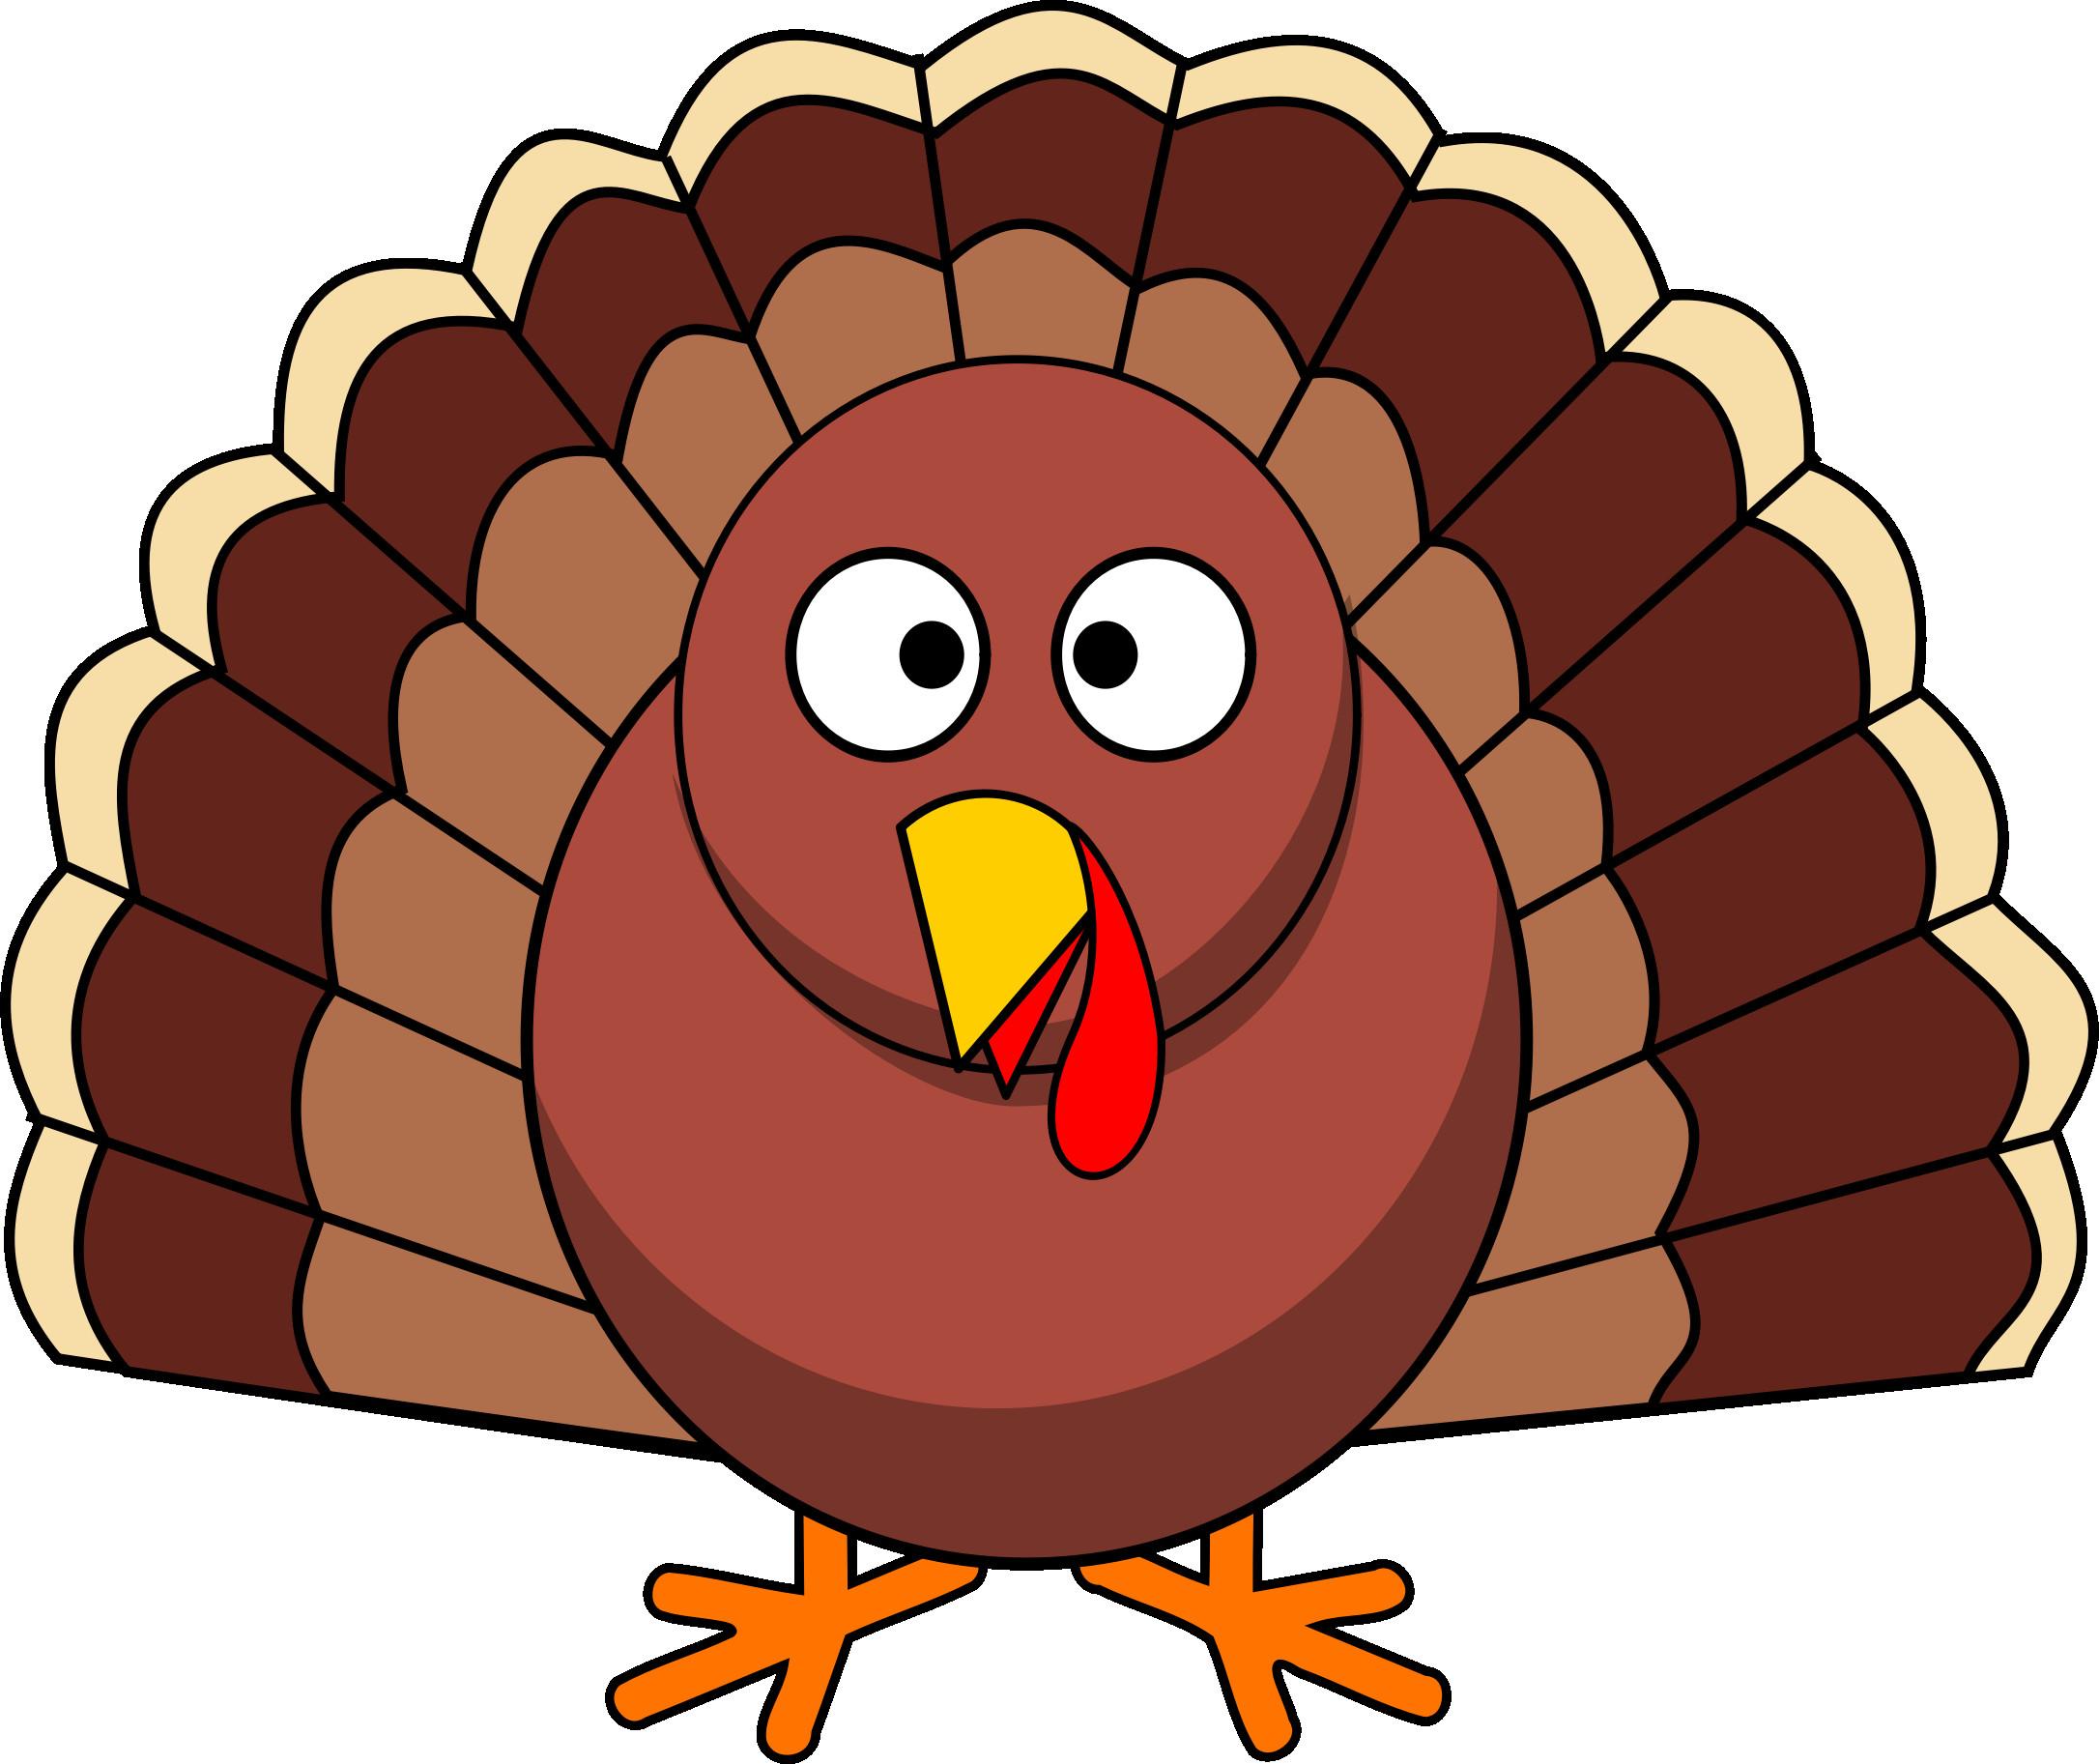 2172x1825 I Love This Cute Thanksgiving Clipart Turkey Clip Art Inside